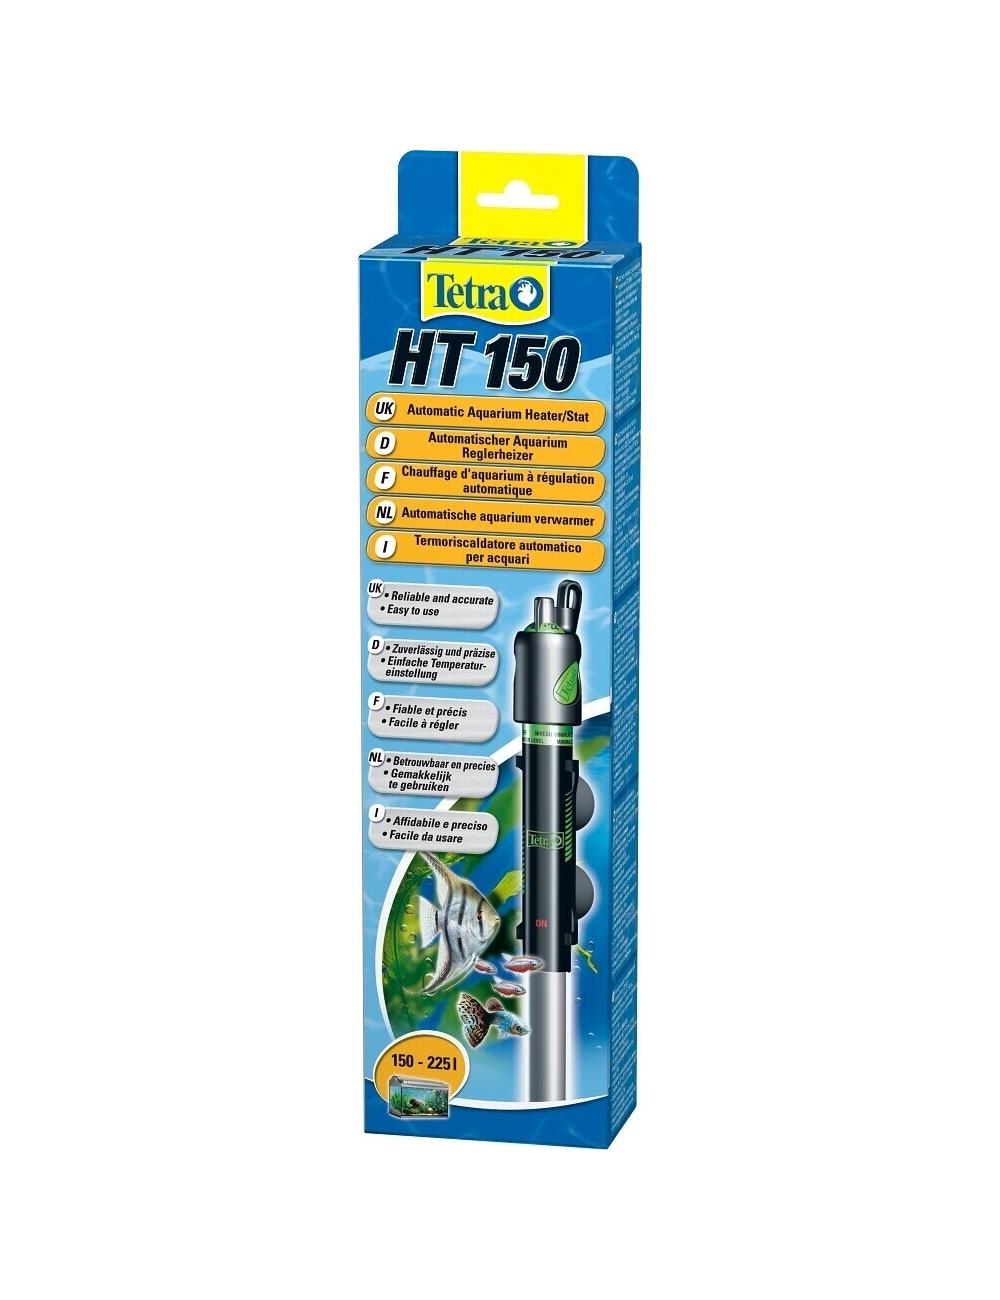 TETRA - HT 150 - Chauffage pour aquarium jusqu'à 150 litres.